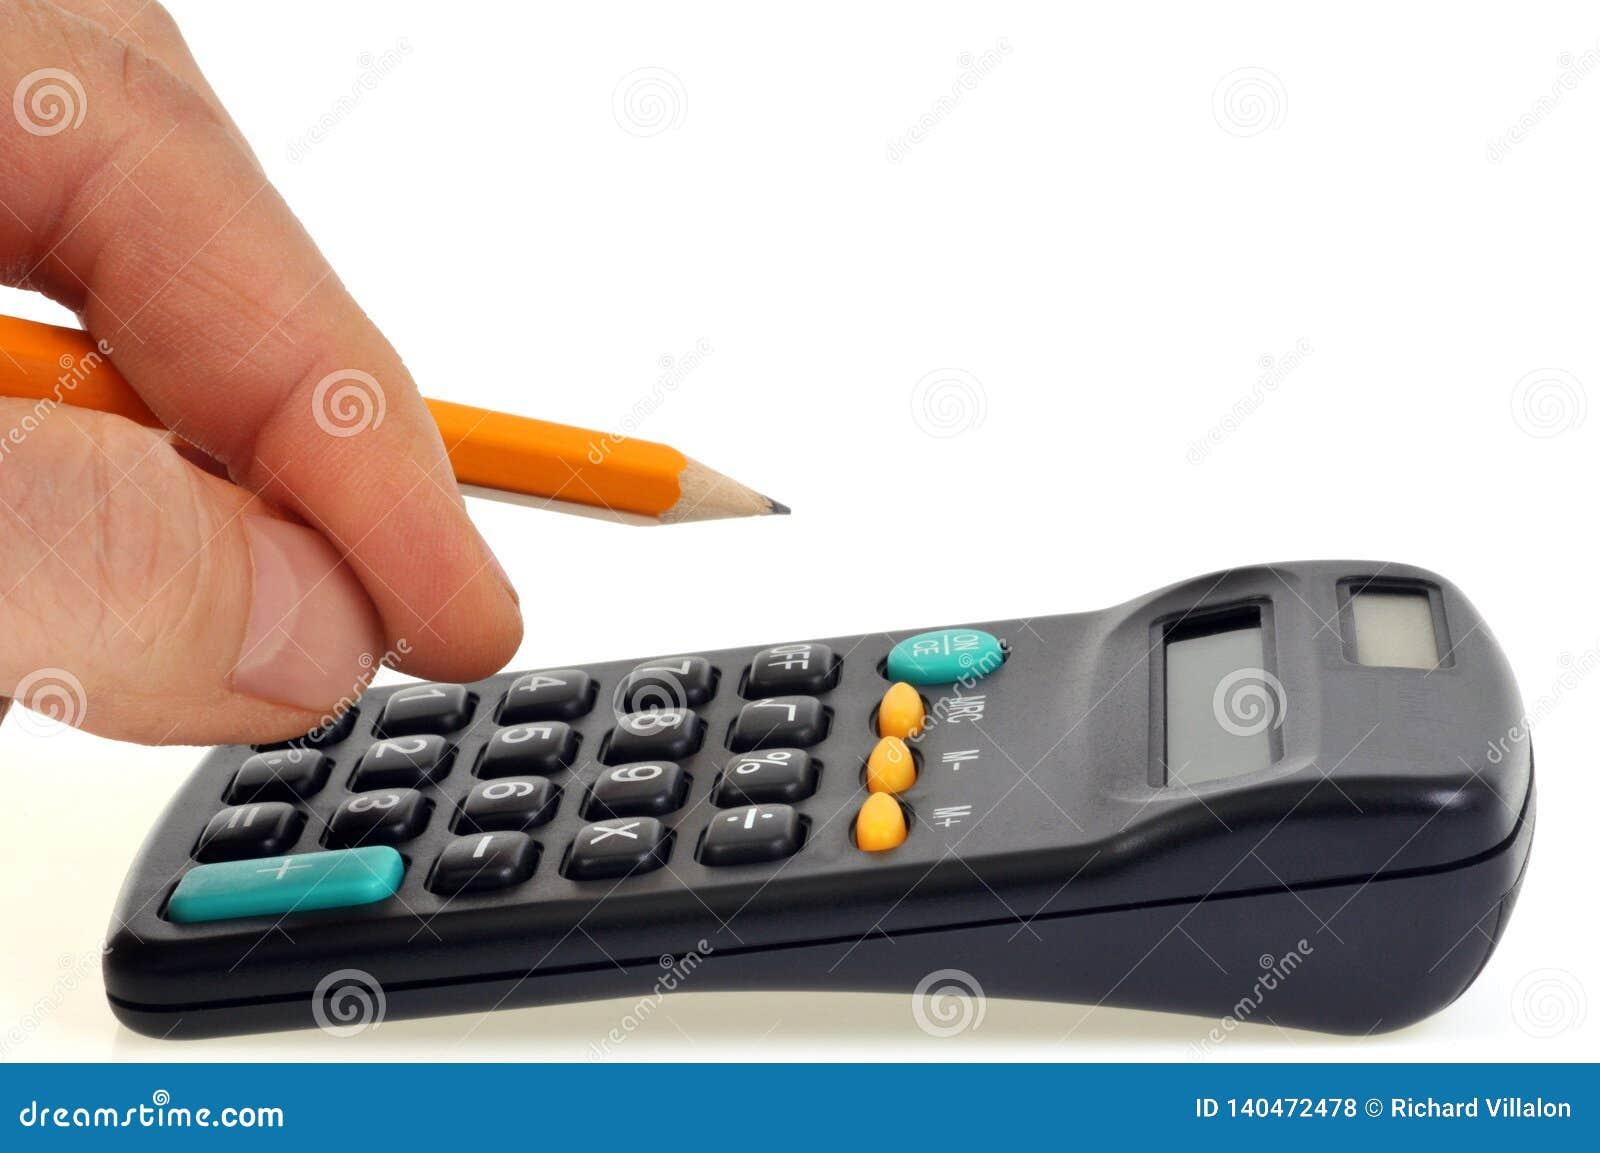 Contagem com uma calculadora e um lápis à disposição